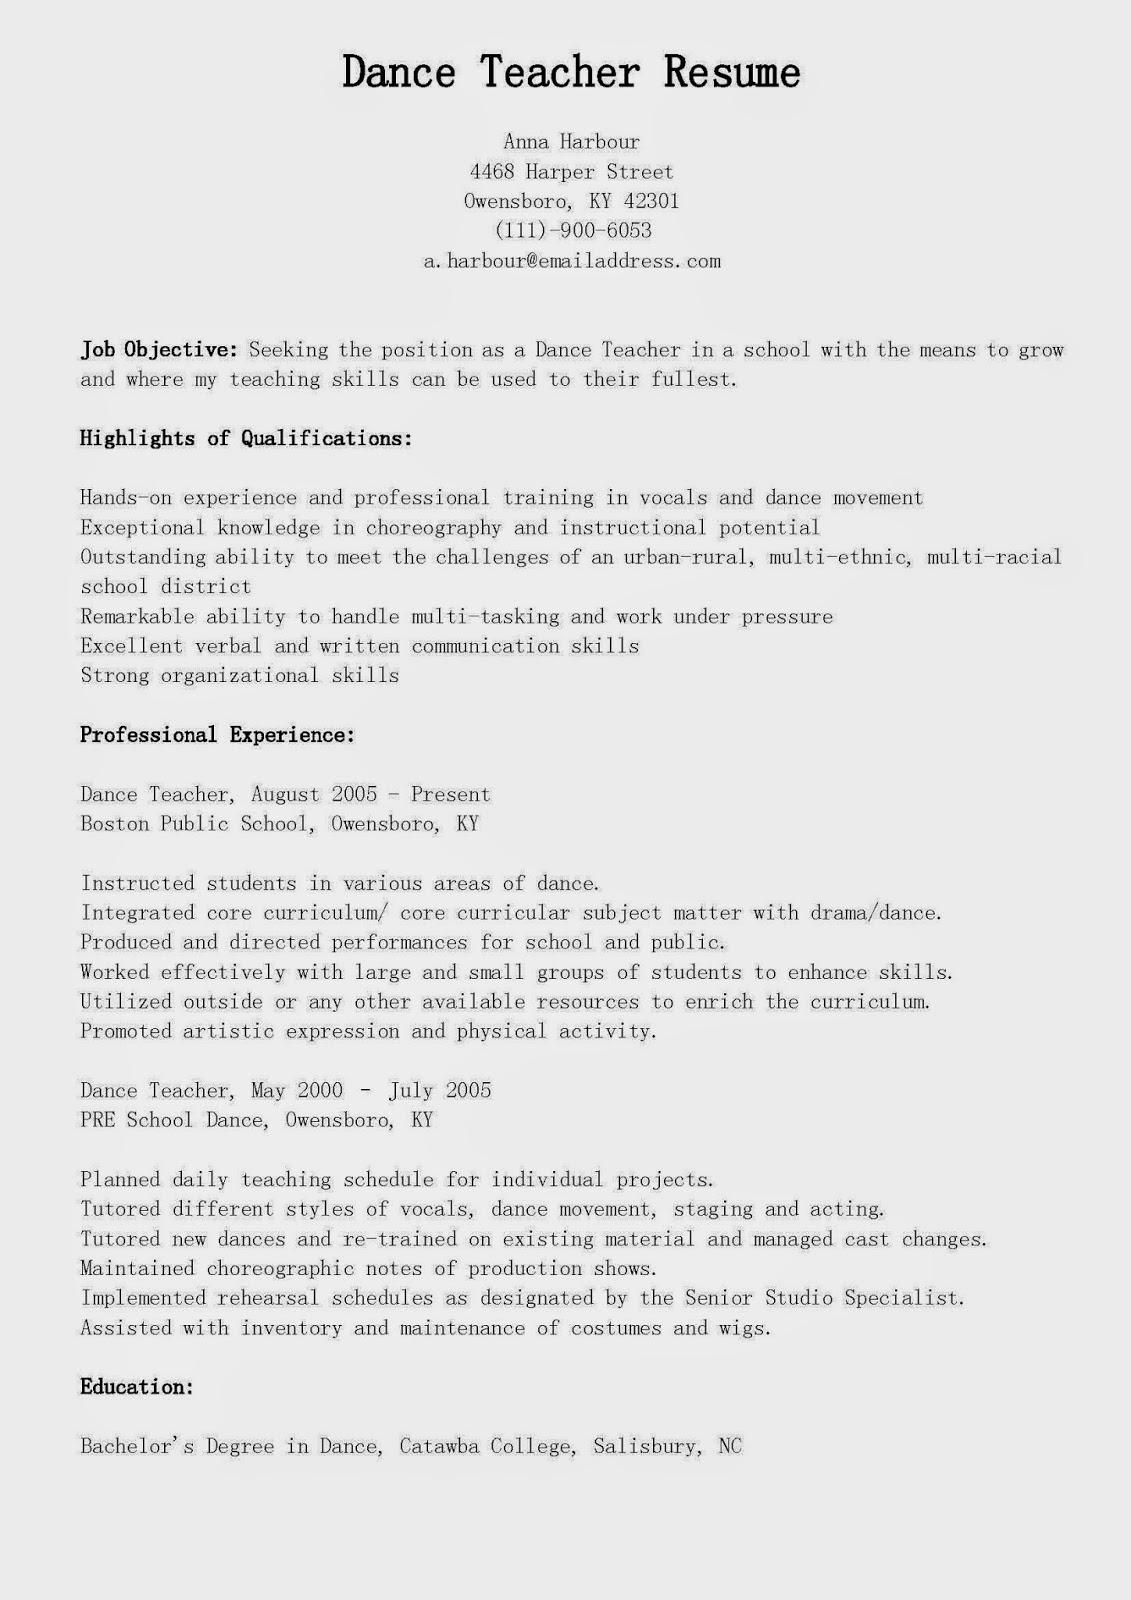 Sample Resume For Vocational Teacher